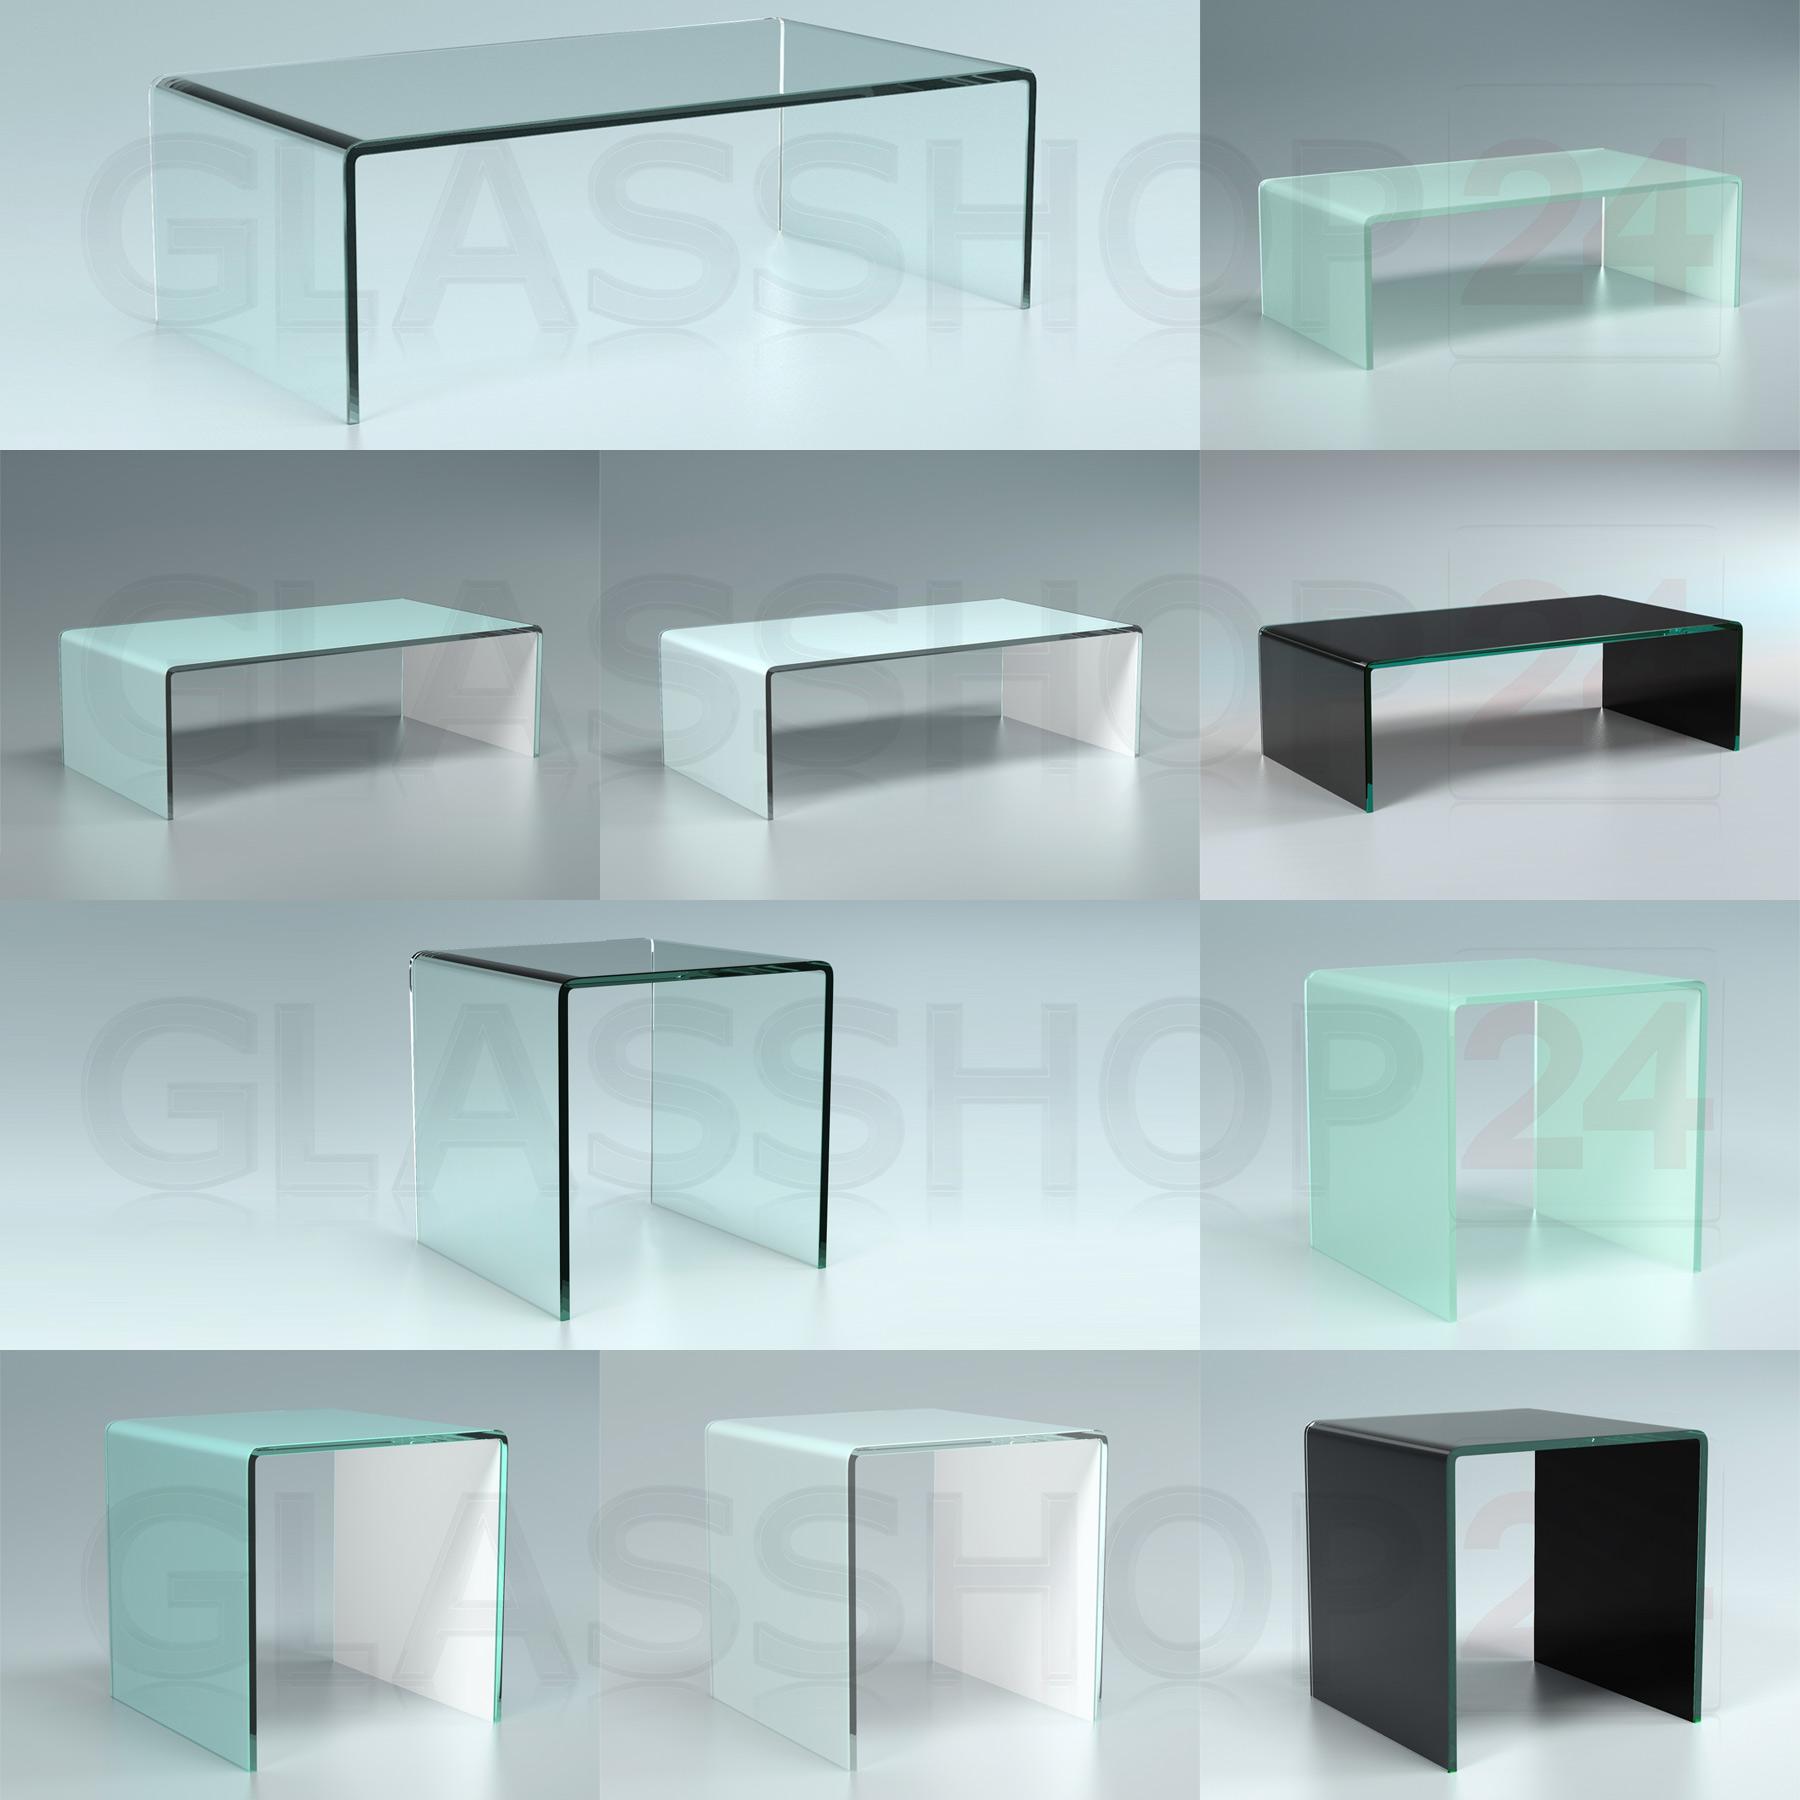 Designer couchtisch glastisch - Designer couchtisch glas ...